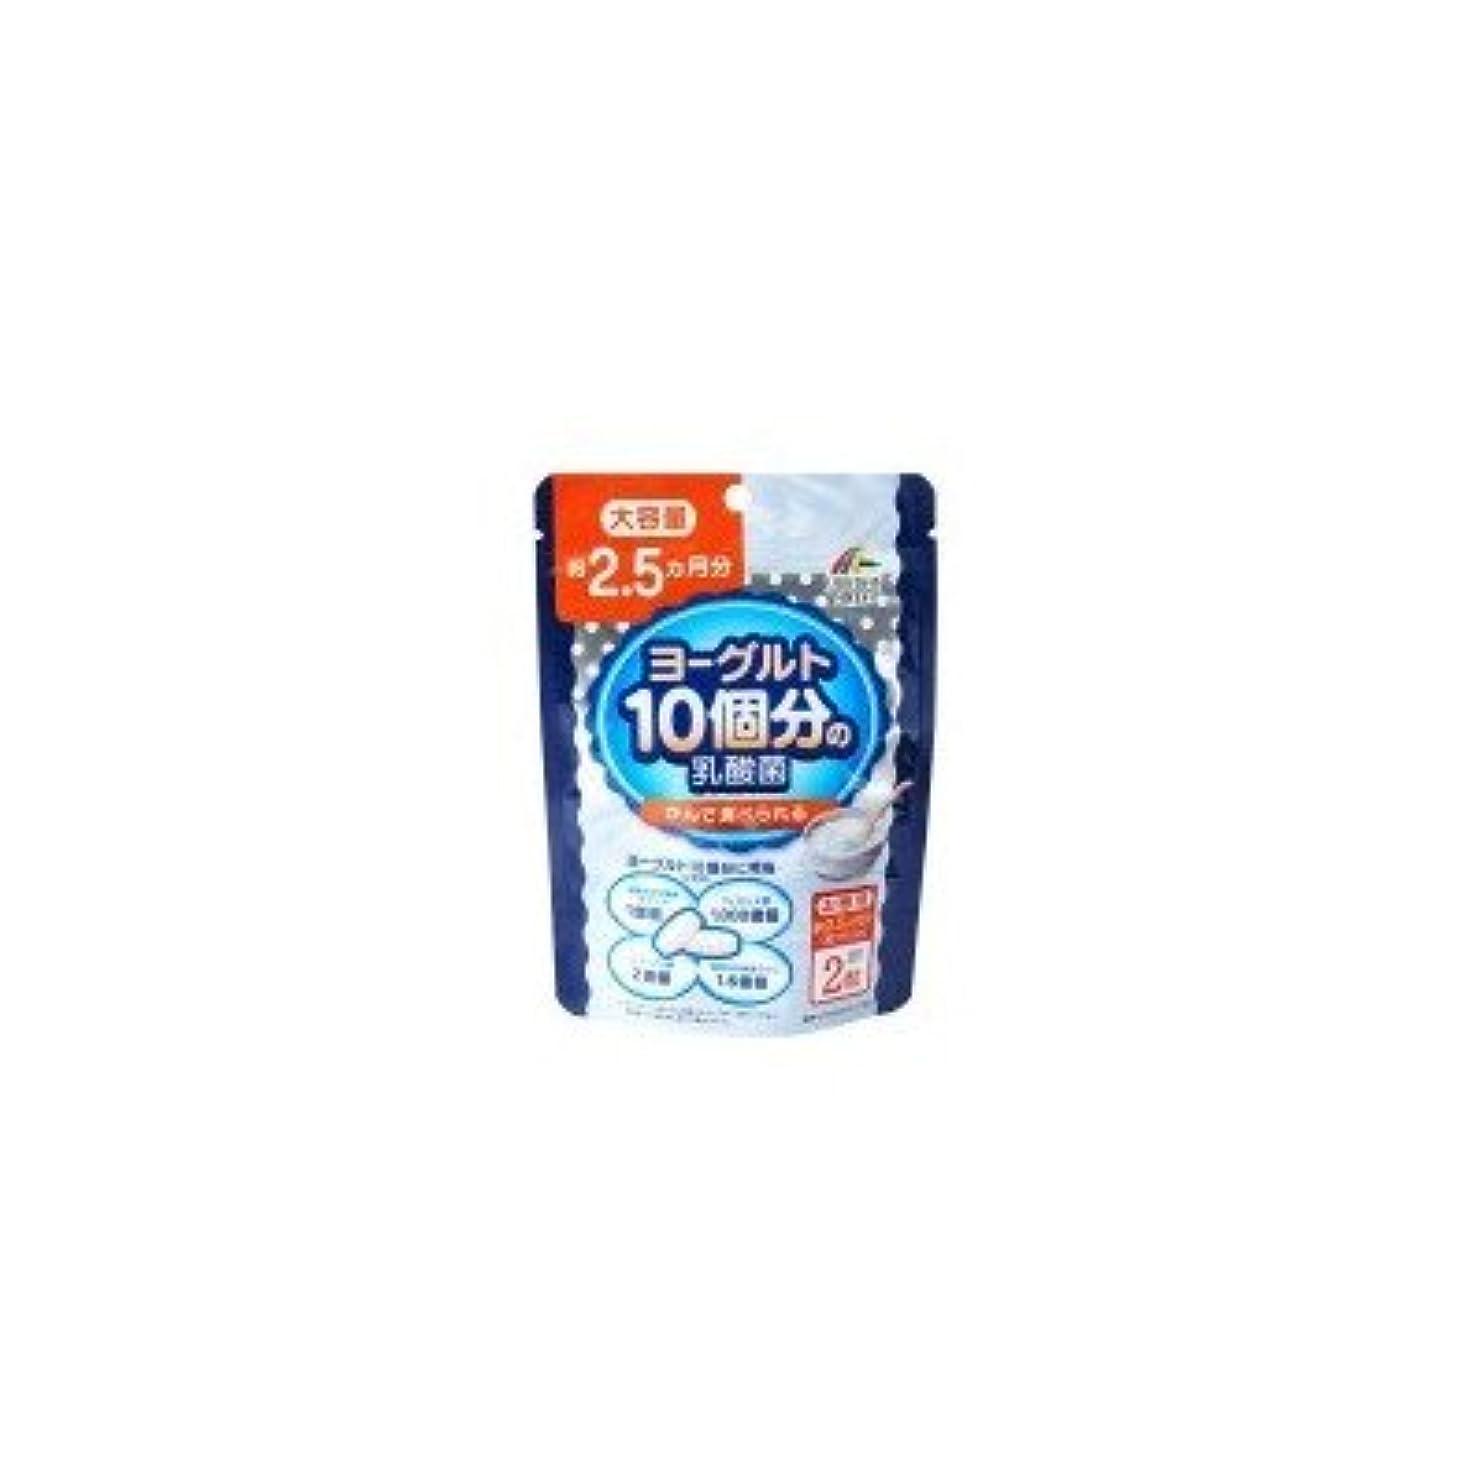 しなやかな早めるロデオヨーグルト10個分の乳酸菌 大容量 30.8g(200mg×154粒)